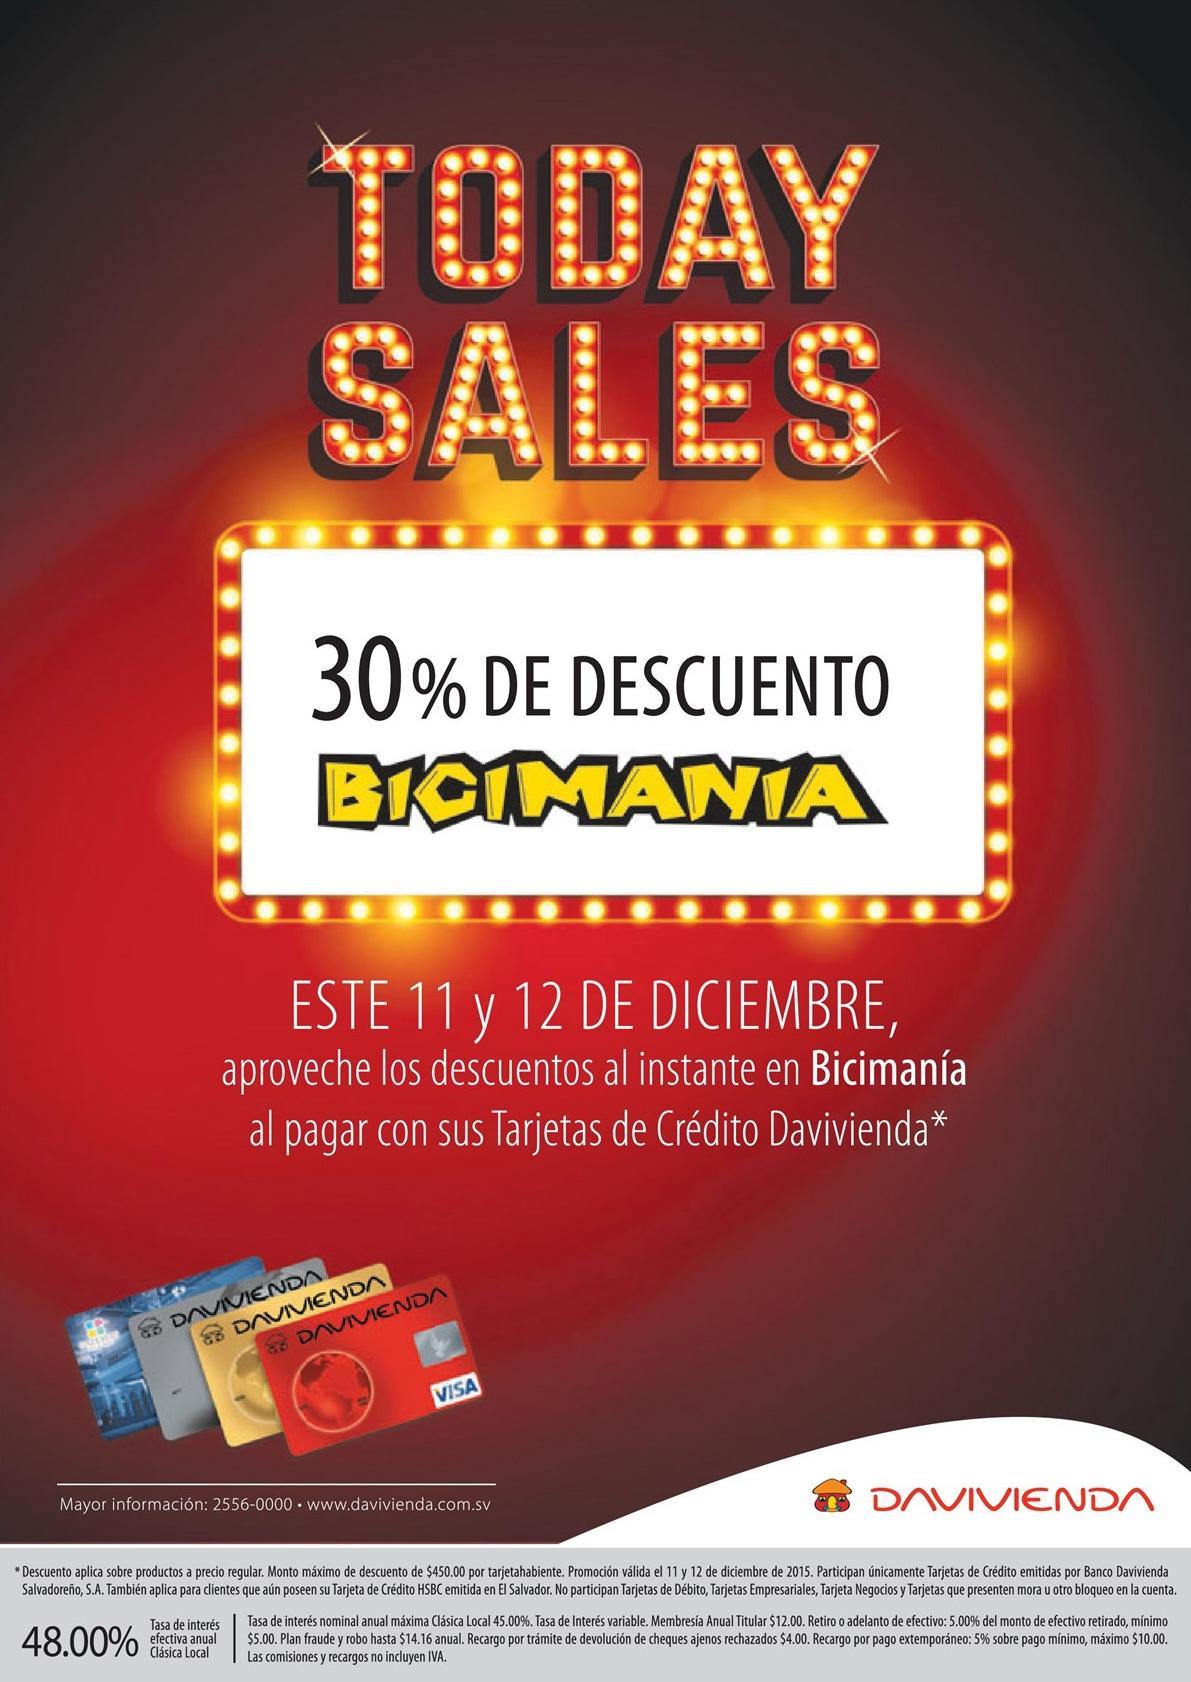 TODAY SAle discount DAVIVIENDA en BICICLETAS